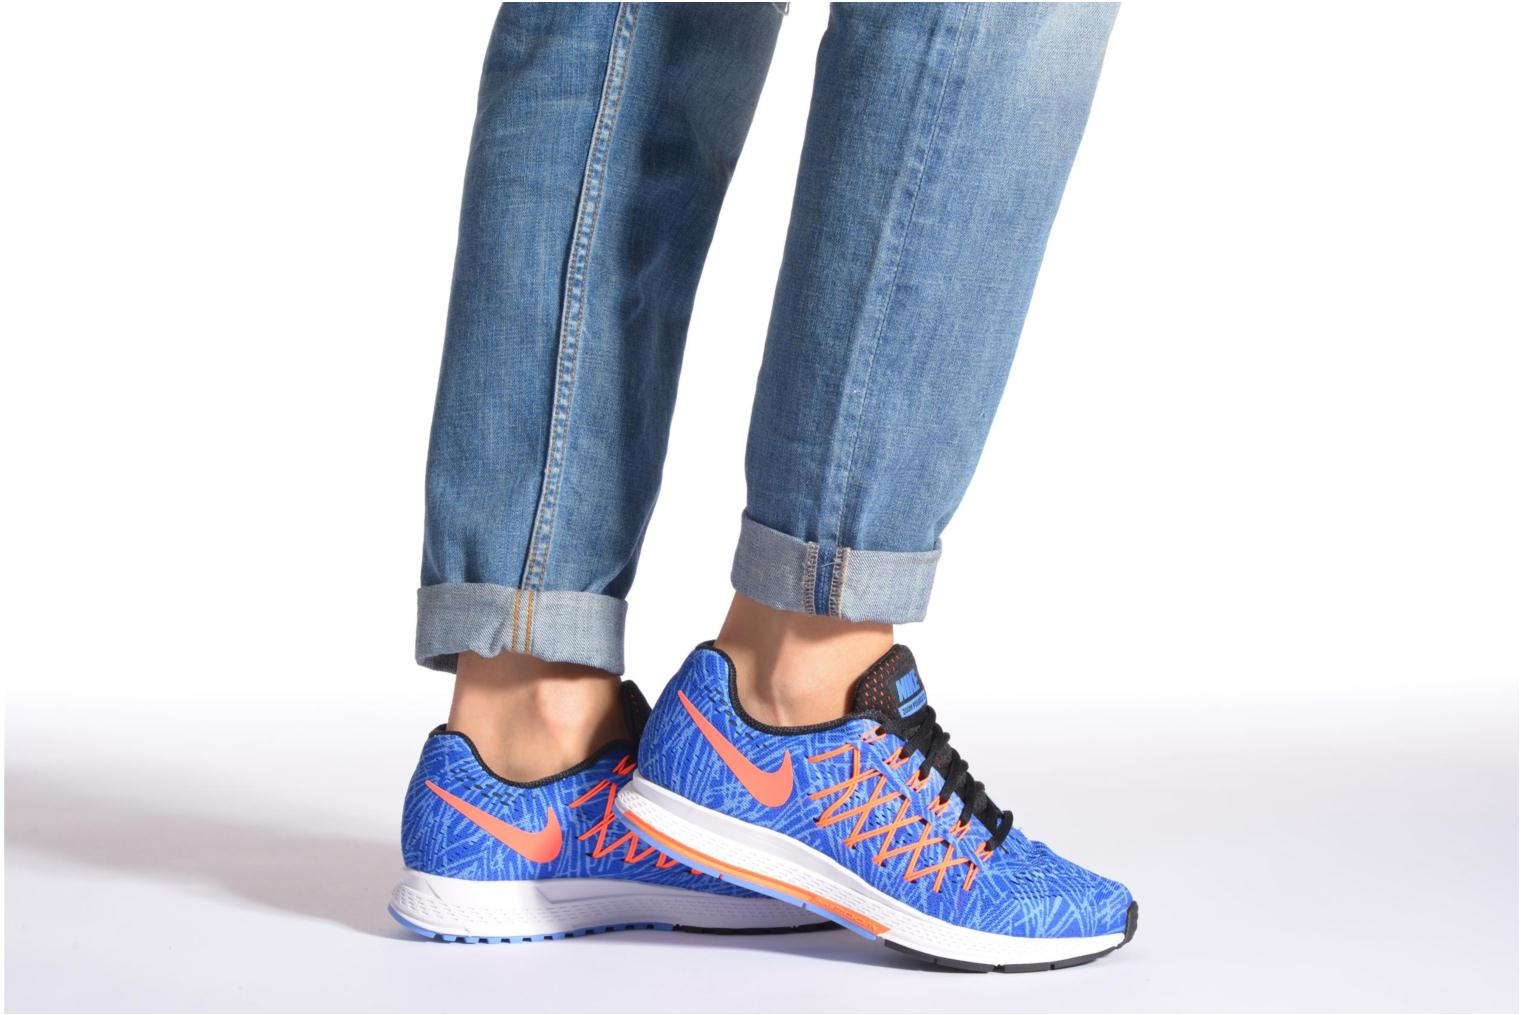 Chaussures de sport Nike Wmns Air Zoom Pegasus 32 Print Orange vue bas / vue portée sac